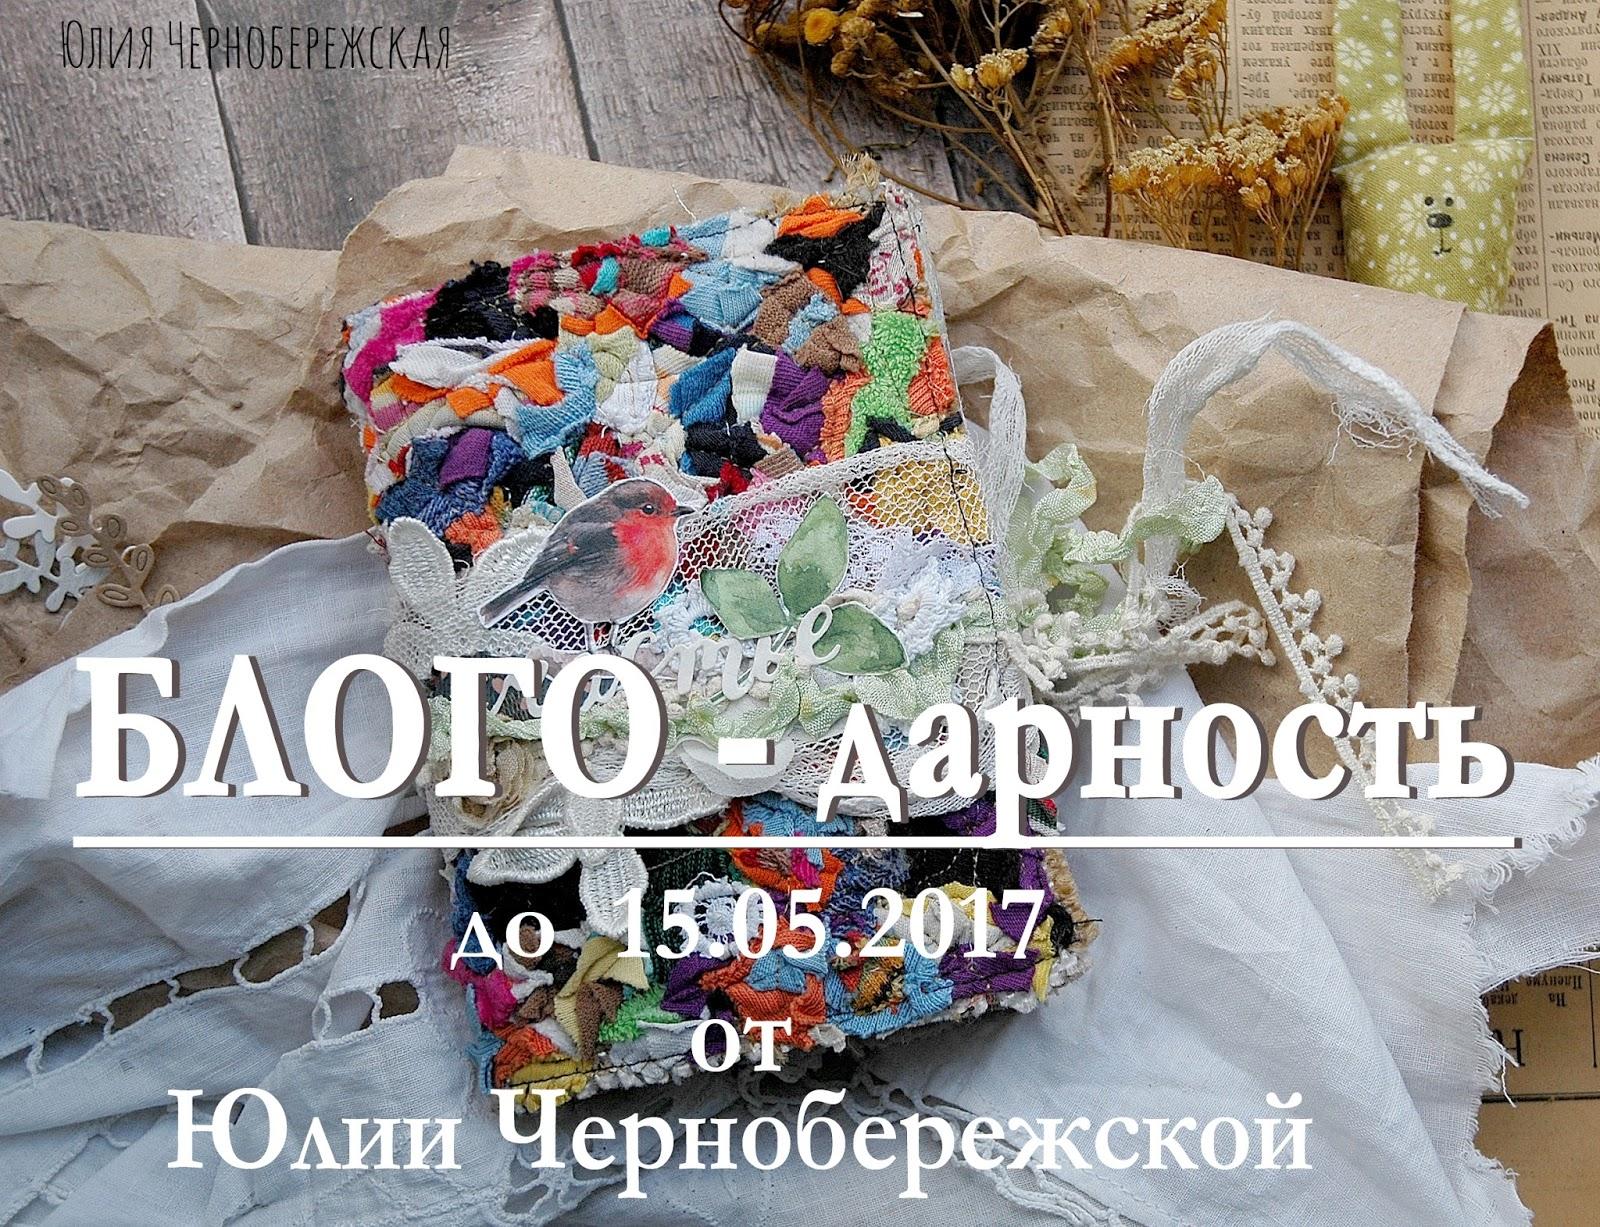 КОНФЕТКА БЛОГО-ДАРНОСТЬ